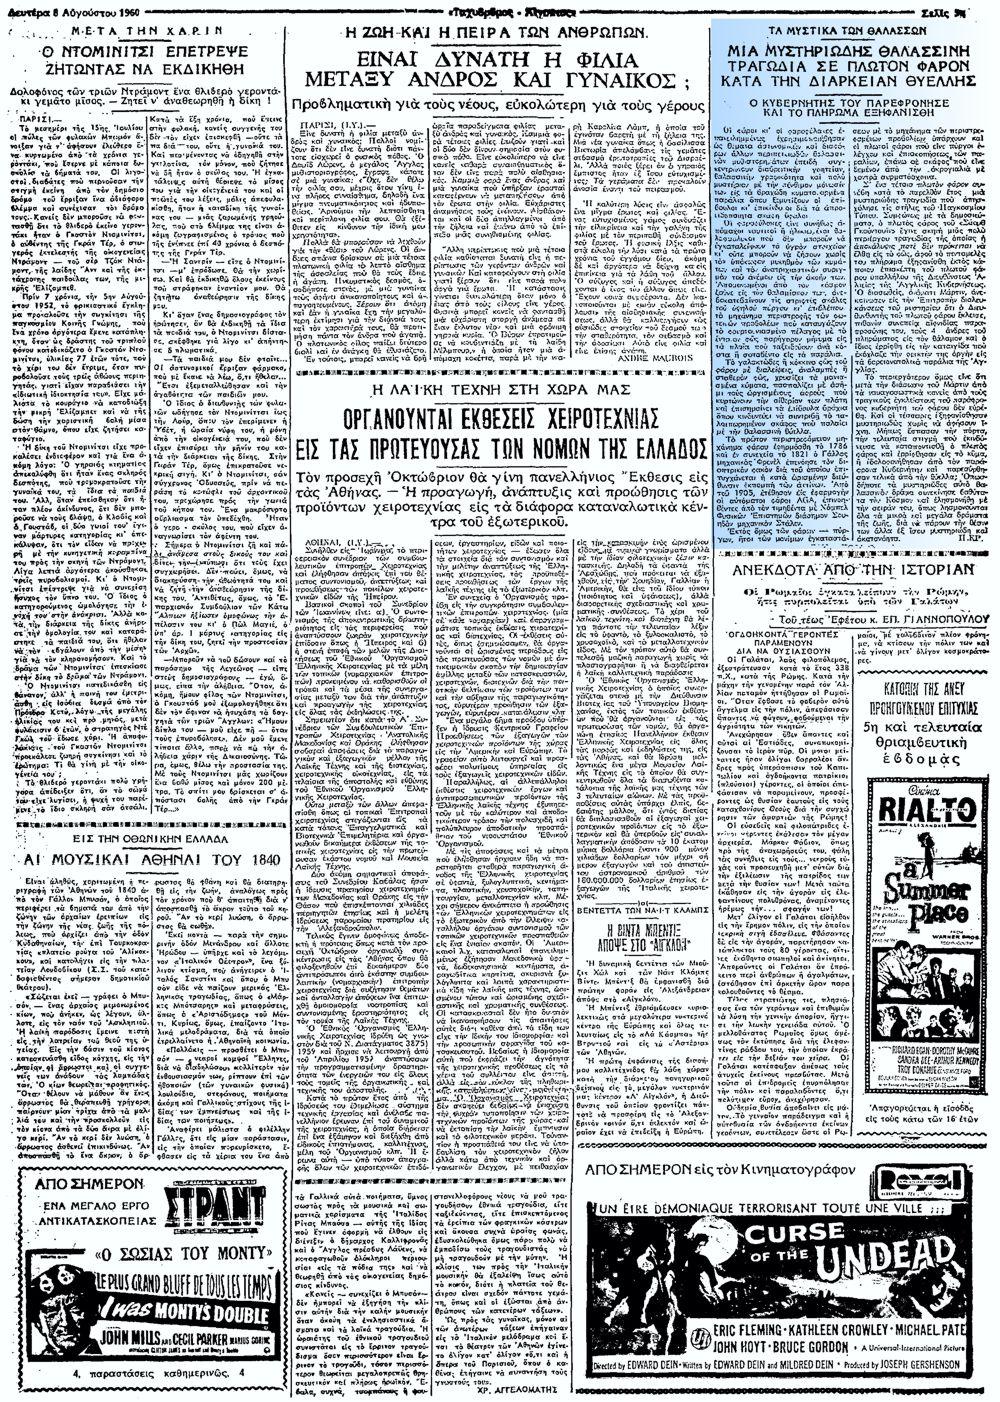 """Το άρθρο, όπως δημοσιεύθηκε στην εφημερίδα """"ΤΑΧΥΔΡΟΜΟΣ"""", στις 08/08/1960"""